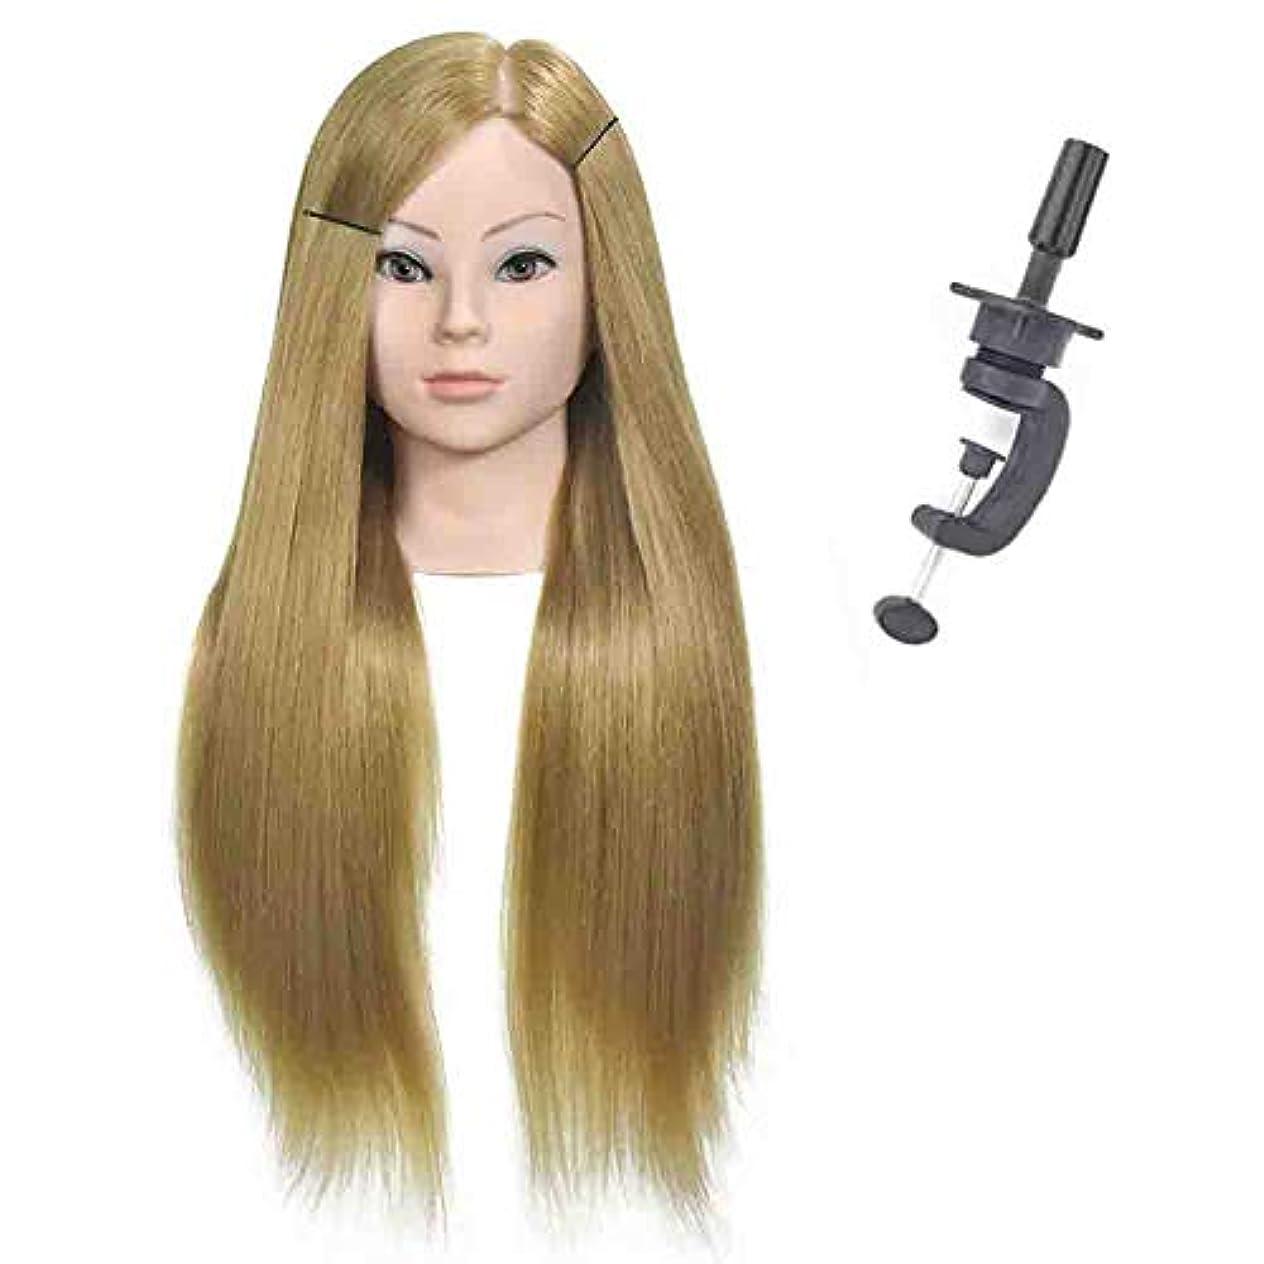 機動酒十年花嫁メイクモデリング教育ヘッド本物の人物ヘアダミーヘッドモデル理髪店学習パーマ髪染めモデルヘッド